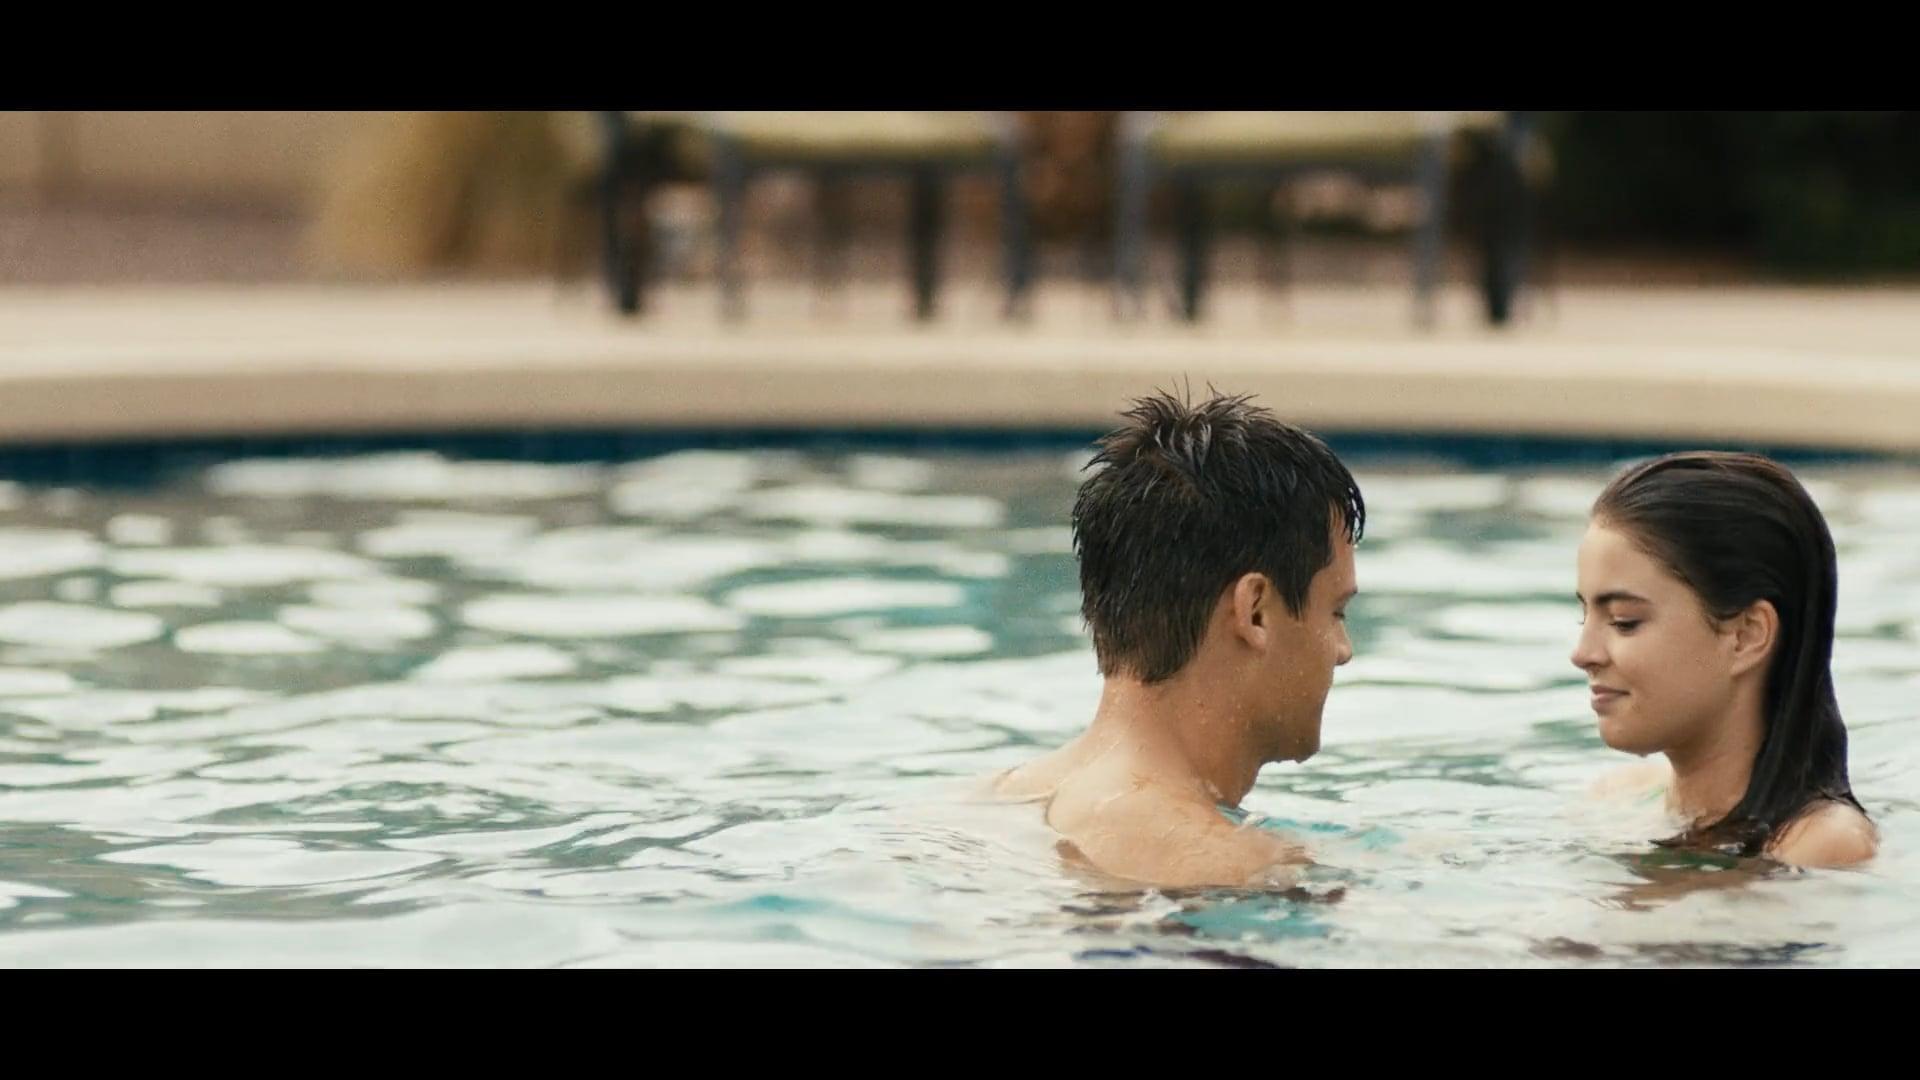 Monsoon - Teaser Trailer